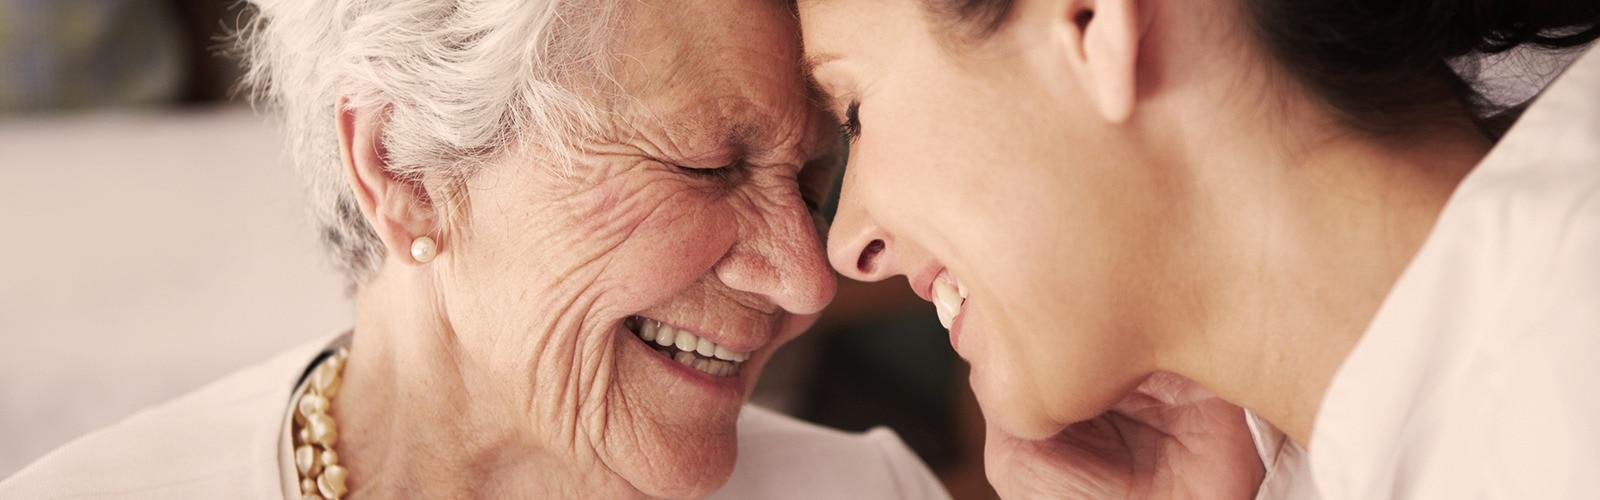 Dáma v seniorskom veku sa smeje s mladšou ženou – príbehy od iných opatrovateľov